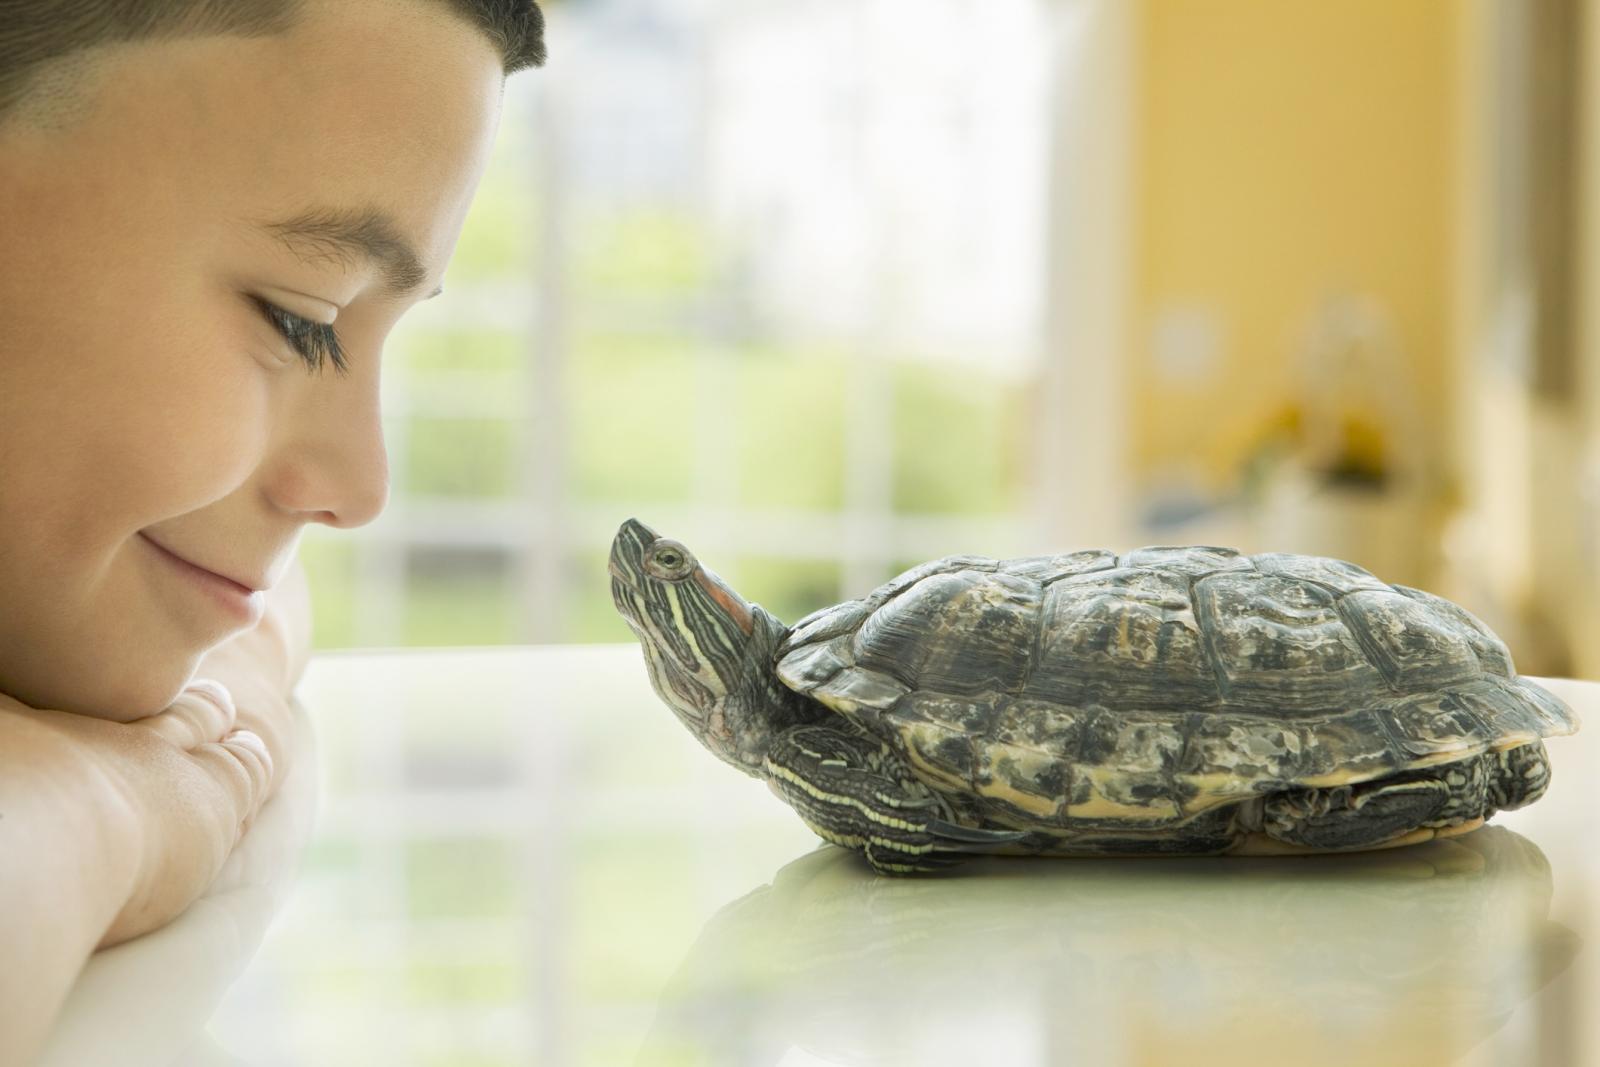 Niño mirando a su mascota tortuga